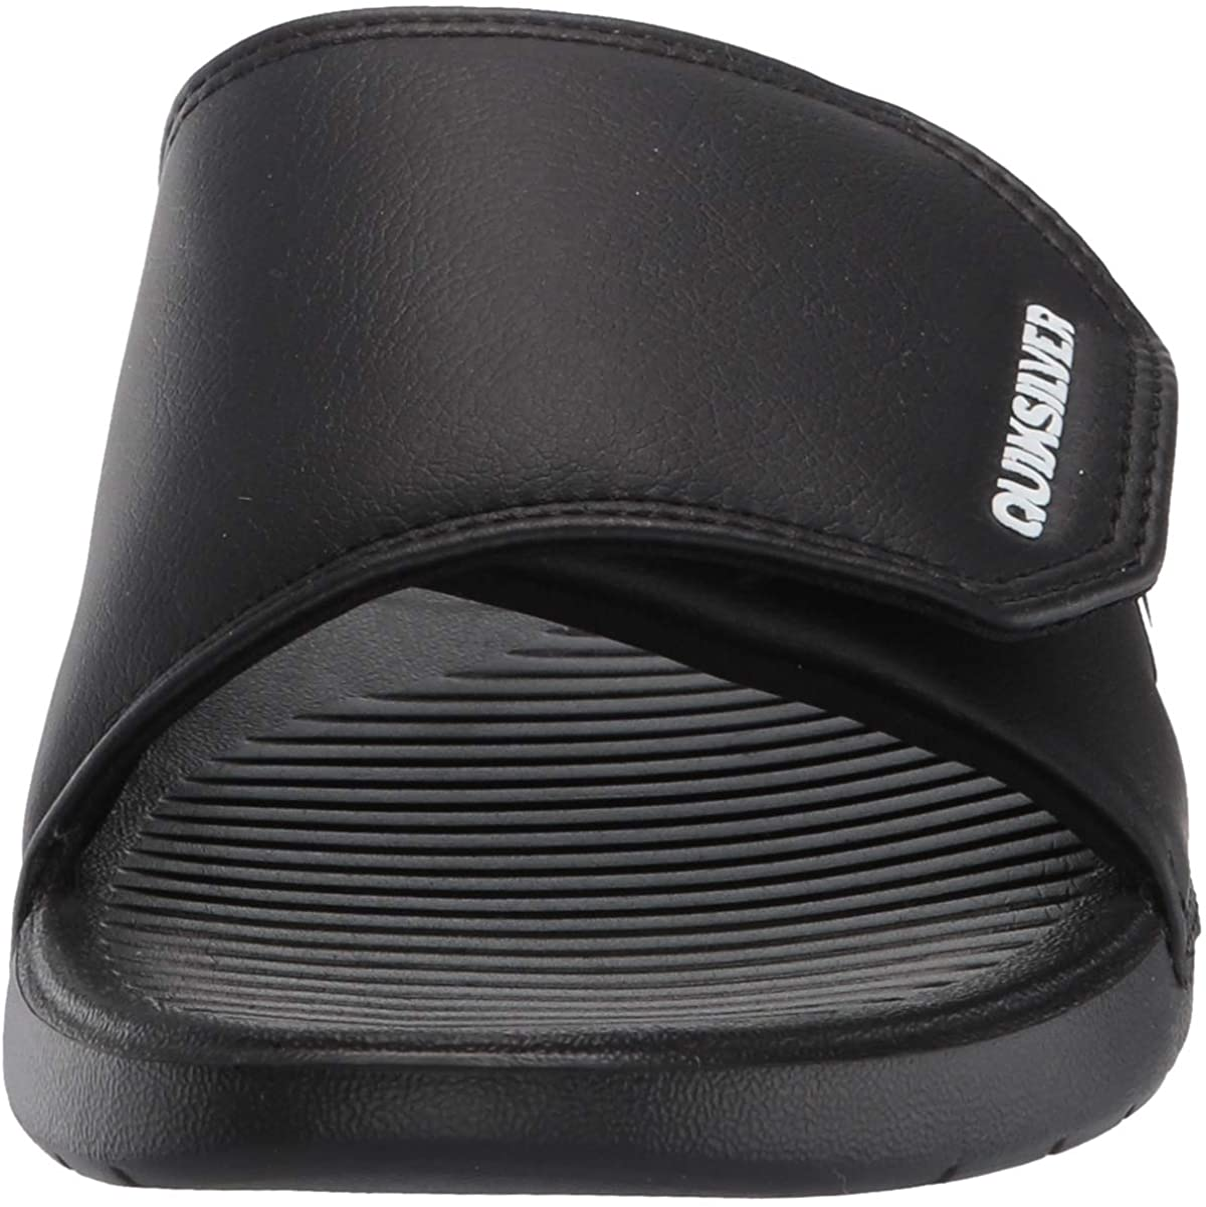 Quiksilver Men's Bright Coast Adjust Sandal: Shoes